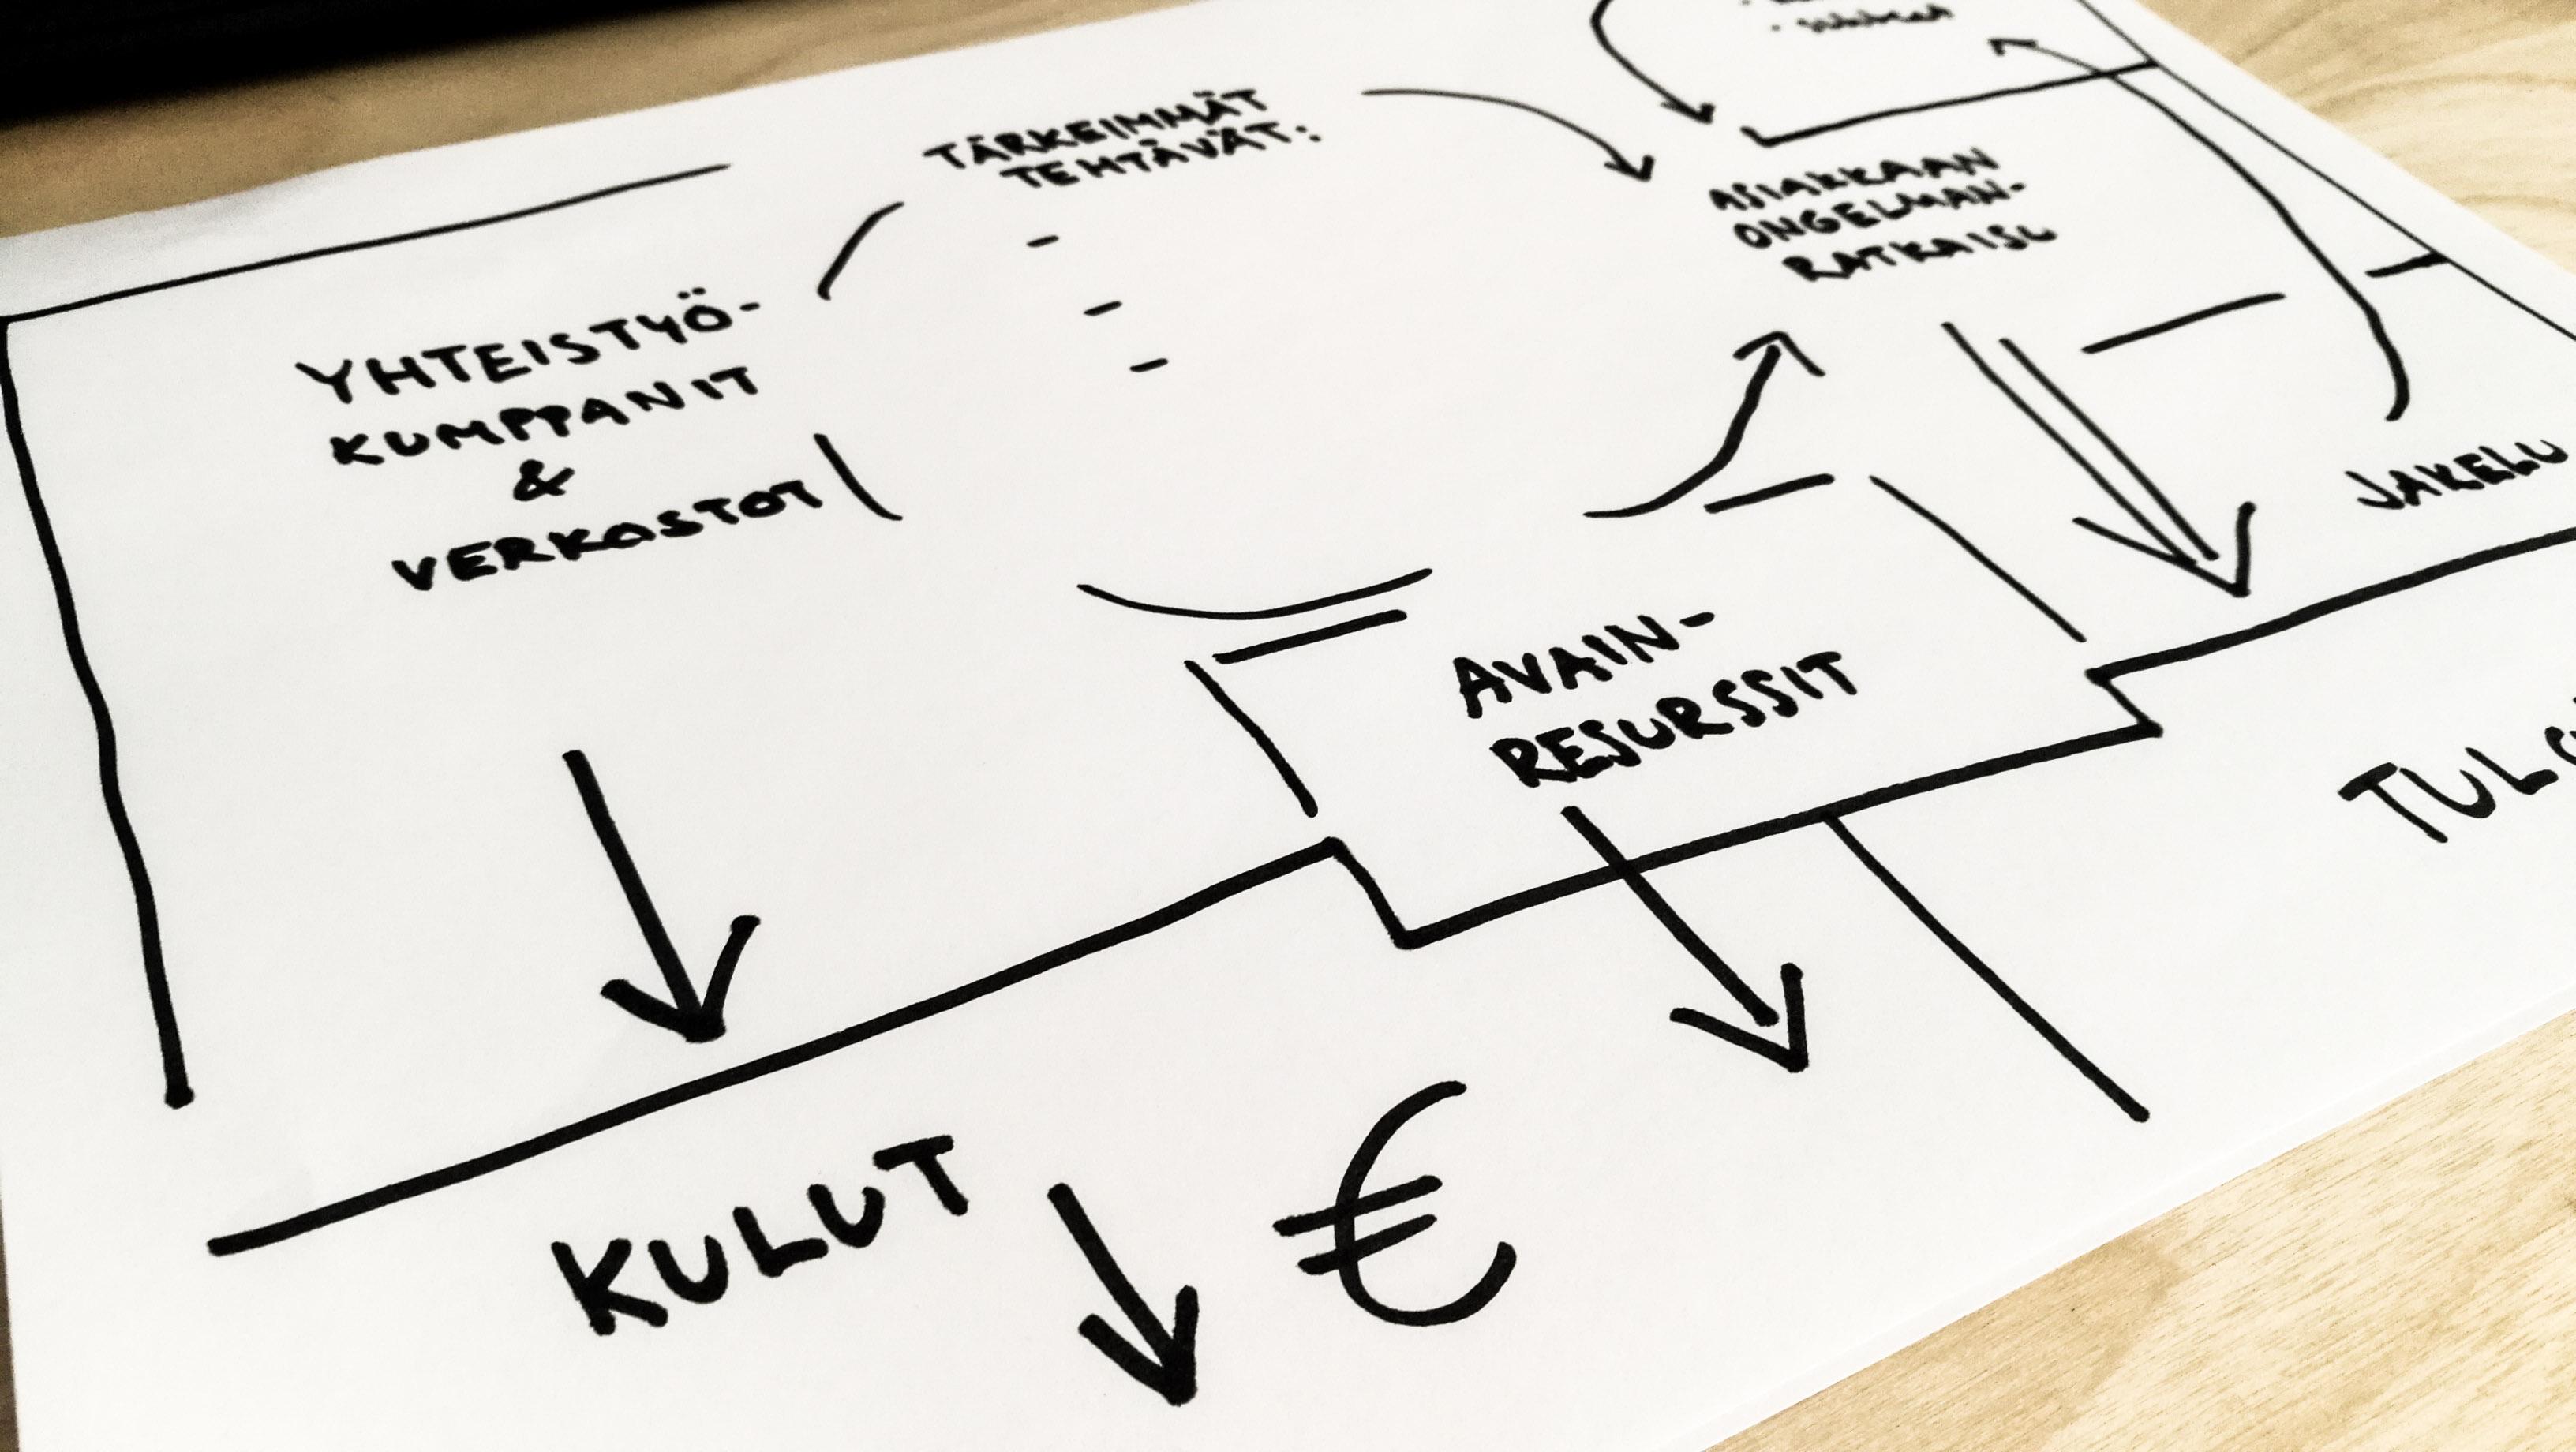 ELY-keskuksen rahoitus lyhyesti – mistä lisätietoa rahoituksesta?